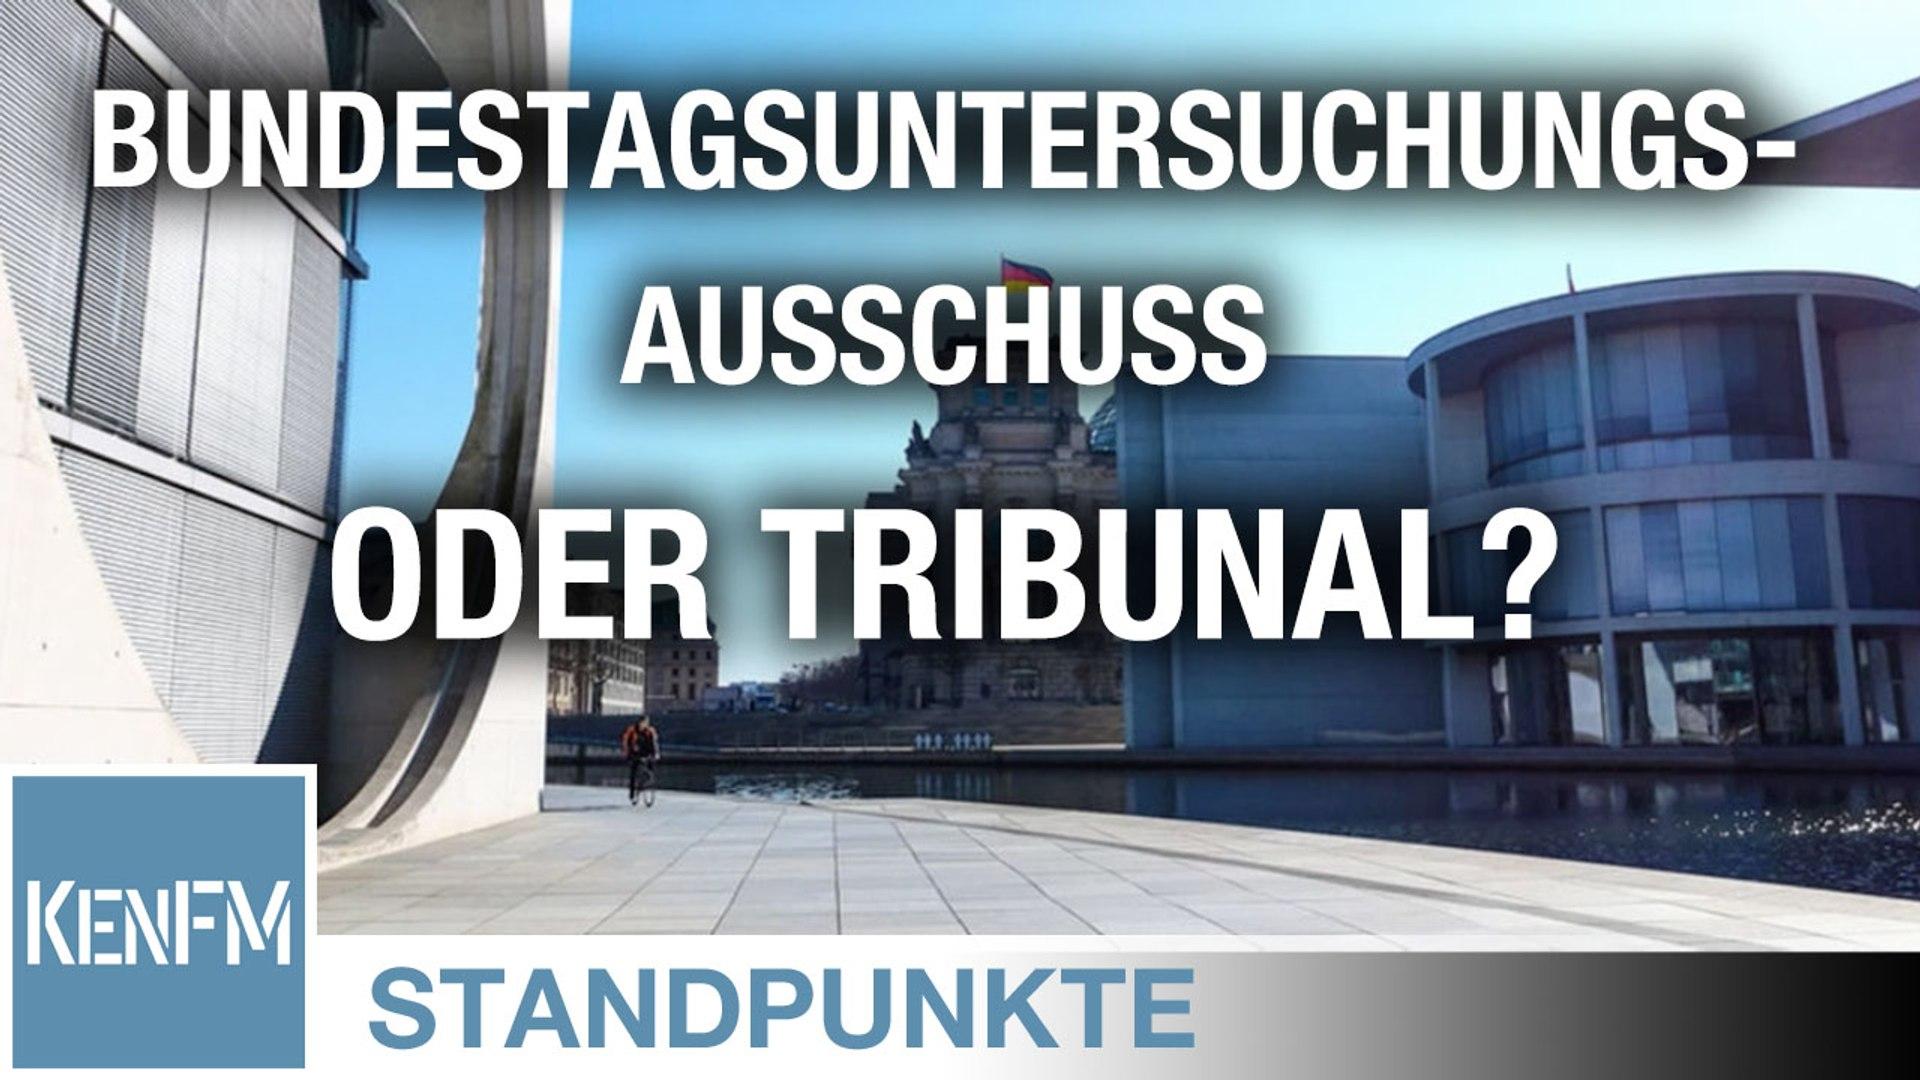 Bundestagsuntersuchungsausschuss oder Tribunal? • STANDPUNKTE